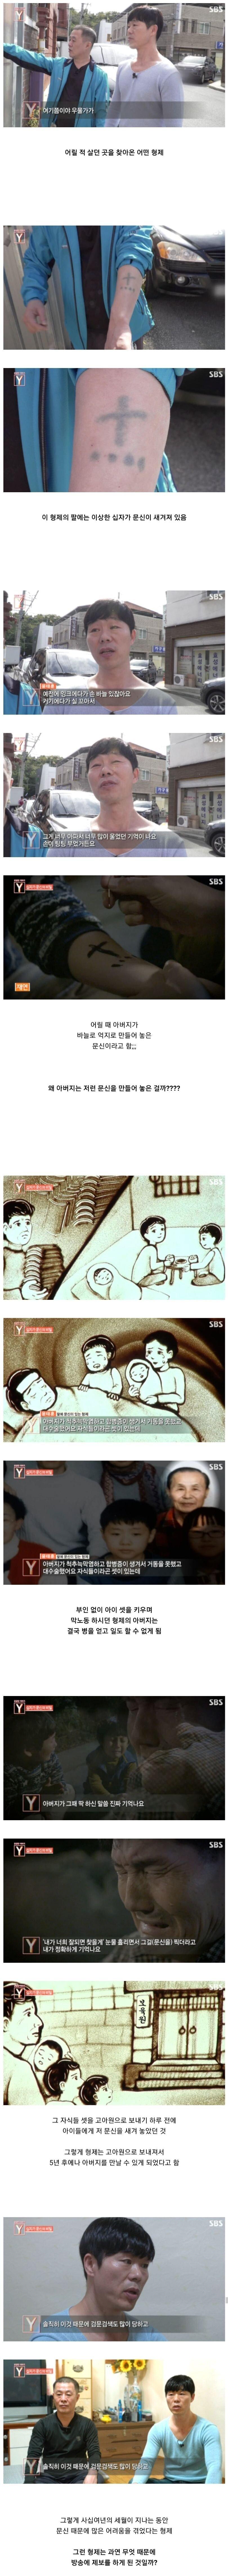 1.jpg 초스압)어린 자식들 팔에 억지로 문신을 새긴 아버지.jpg